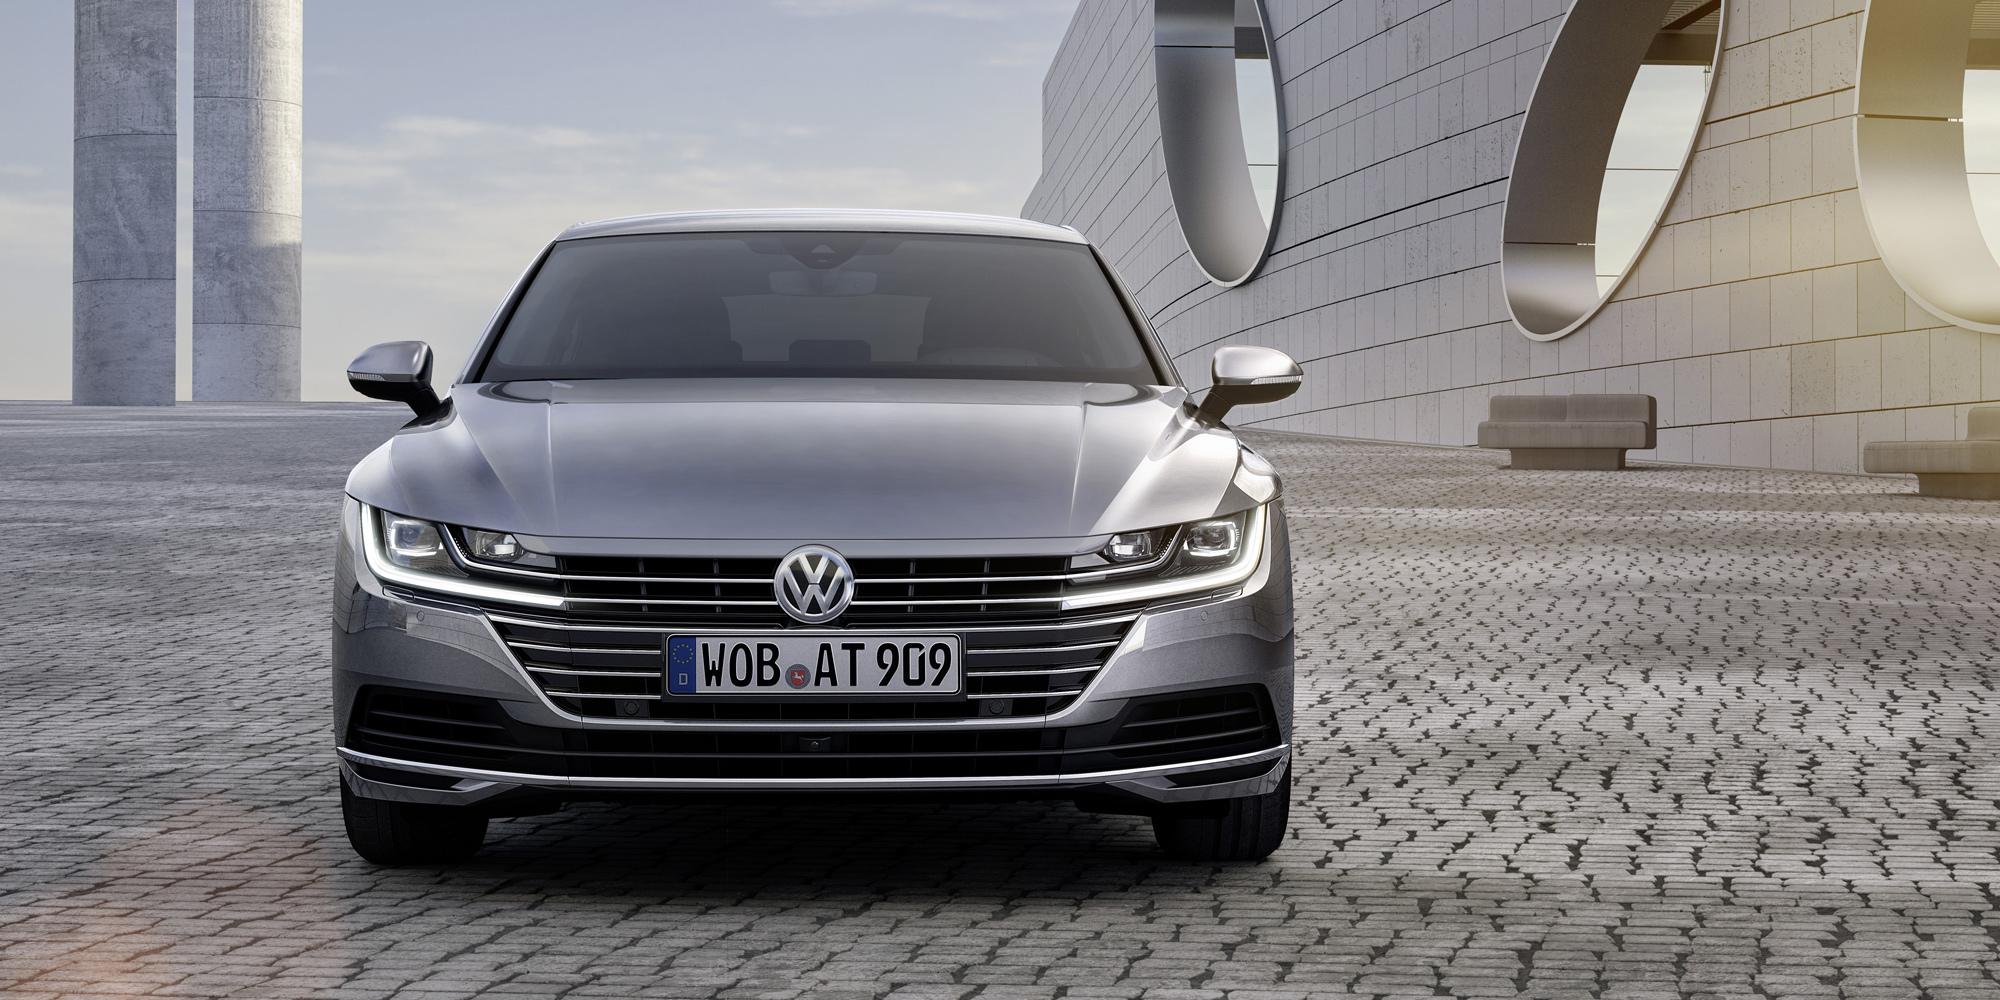 Volkswagen Arteon HD Wallpaper